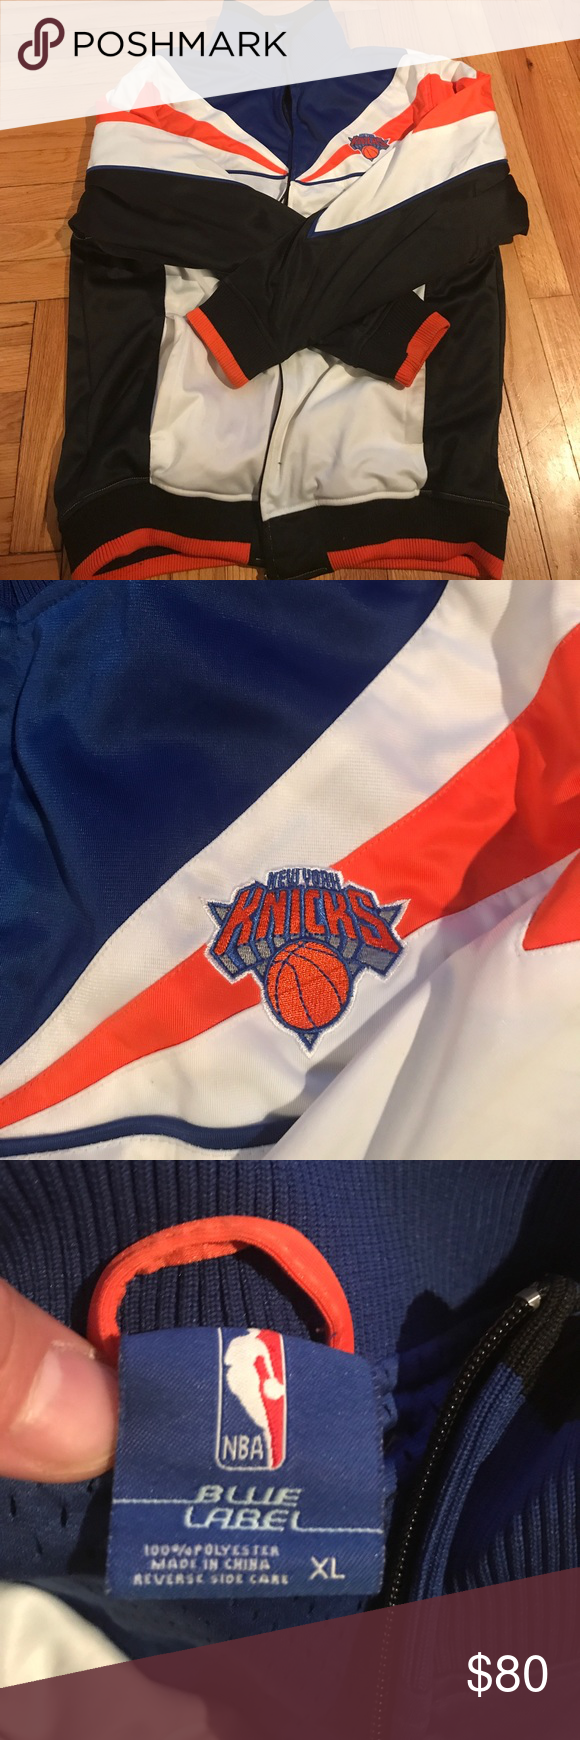 New York Knicks Varsity Jacket Great condition nba Jackets